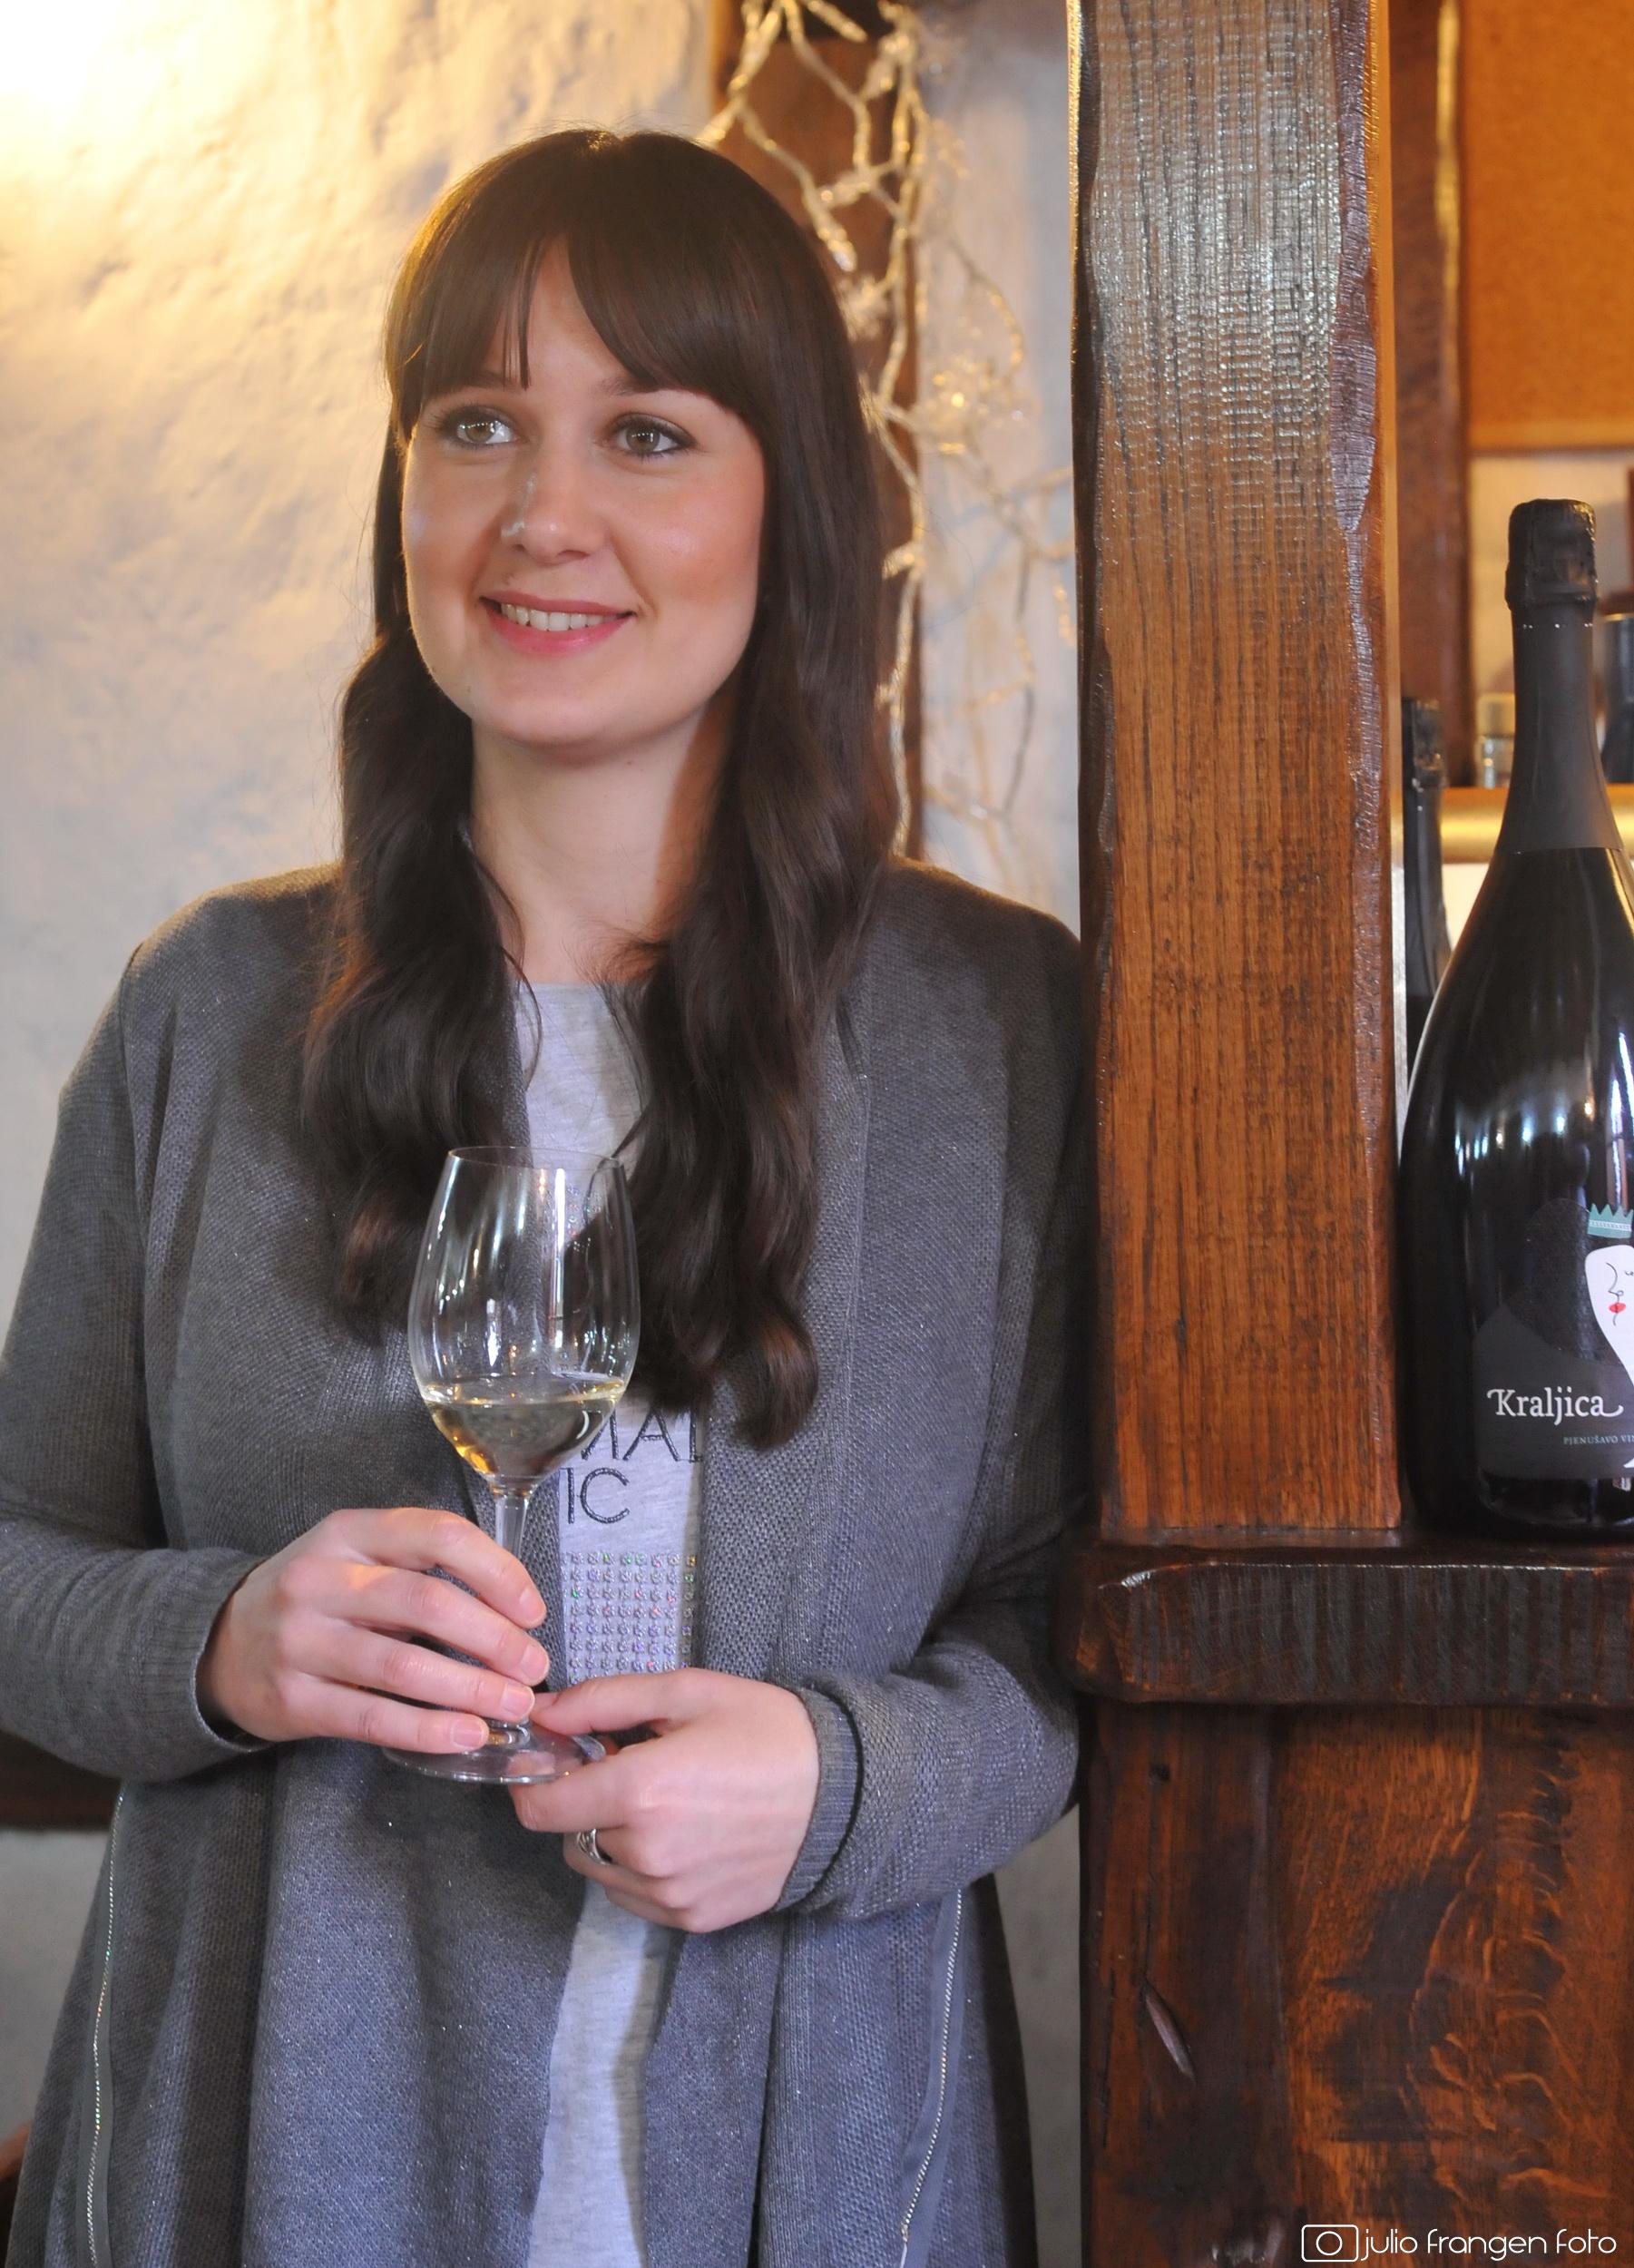 Kraljevina – kraljica Ivaninih vinograda